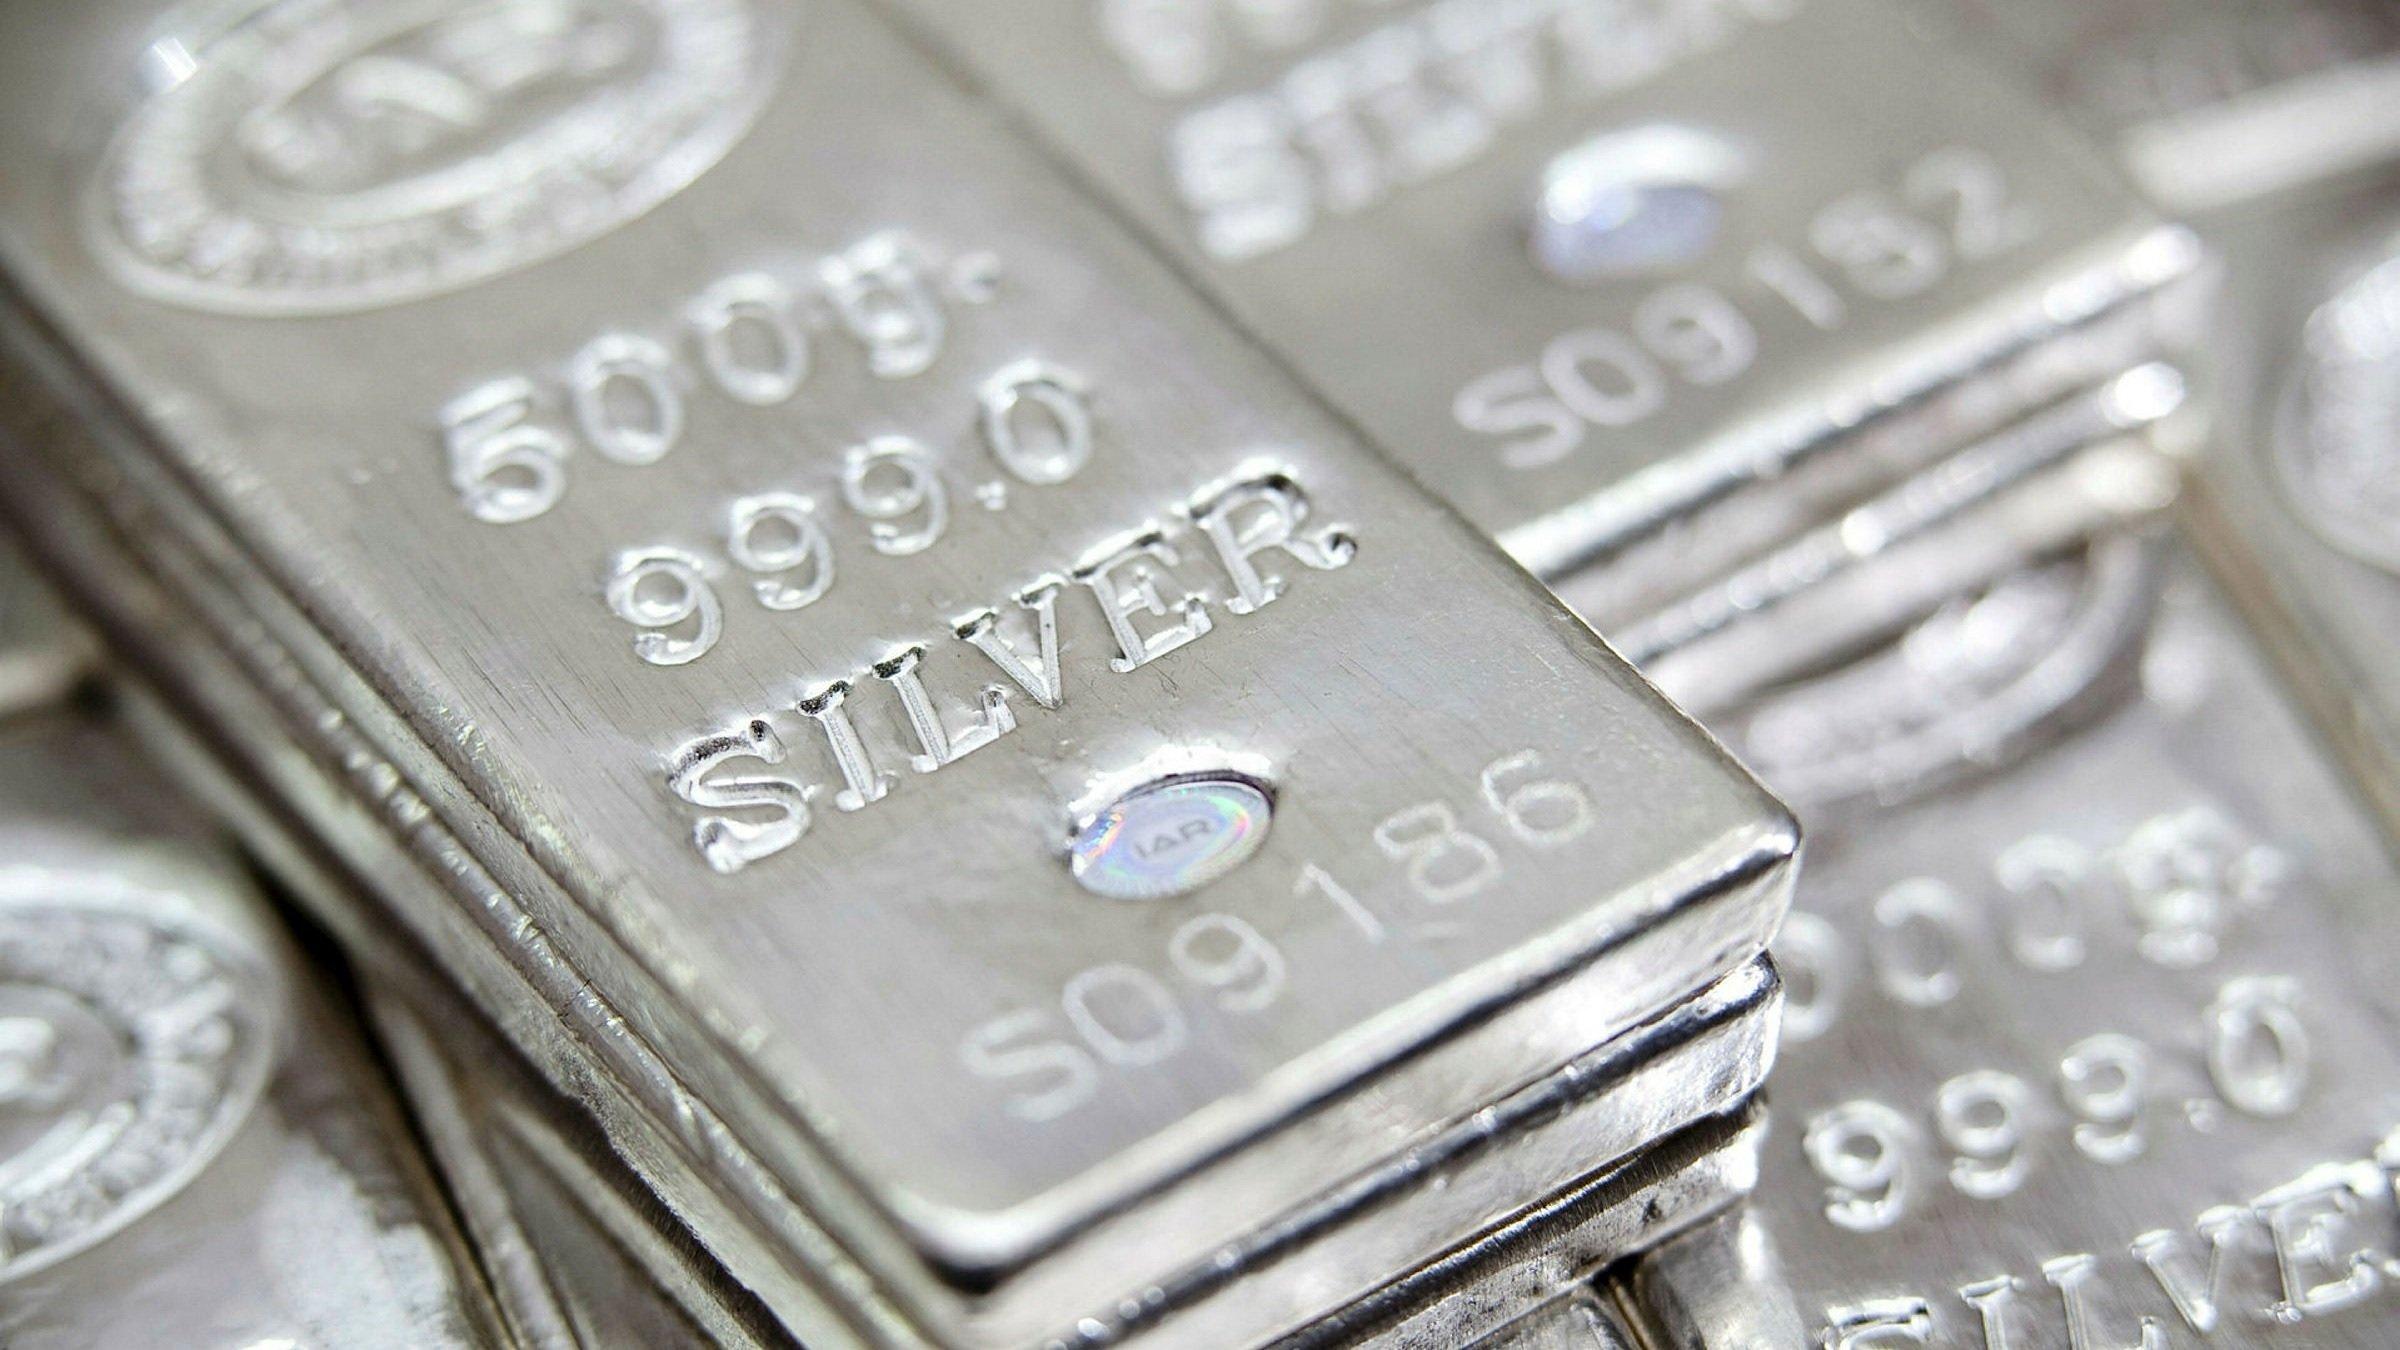 Το ασήμι θα ξεπεράσει τον χρυσό καθώς η ζήτηση φτάνει στο υψηλό των 8 ετών